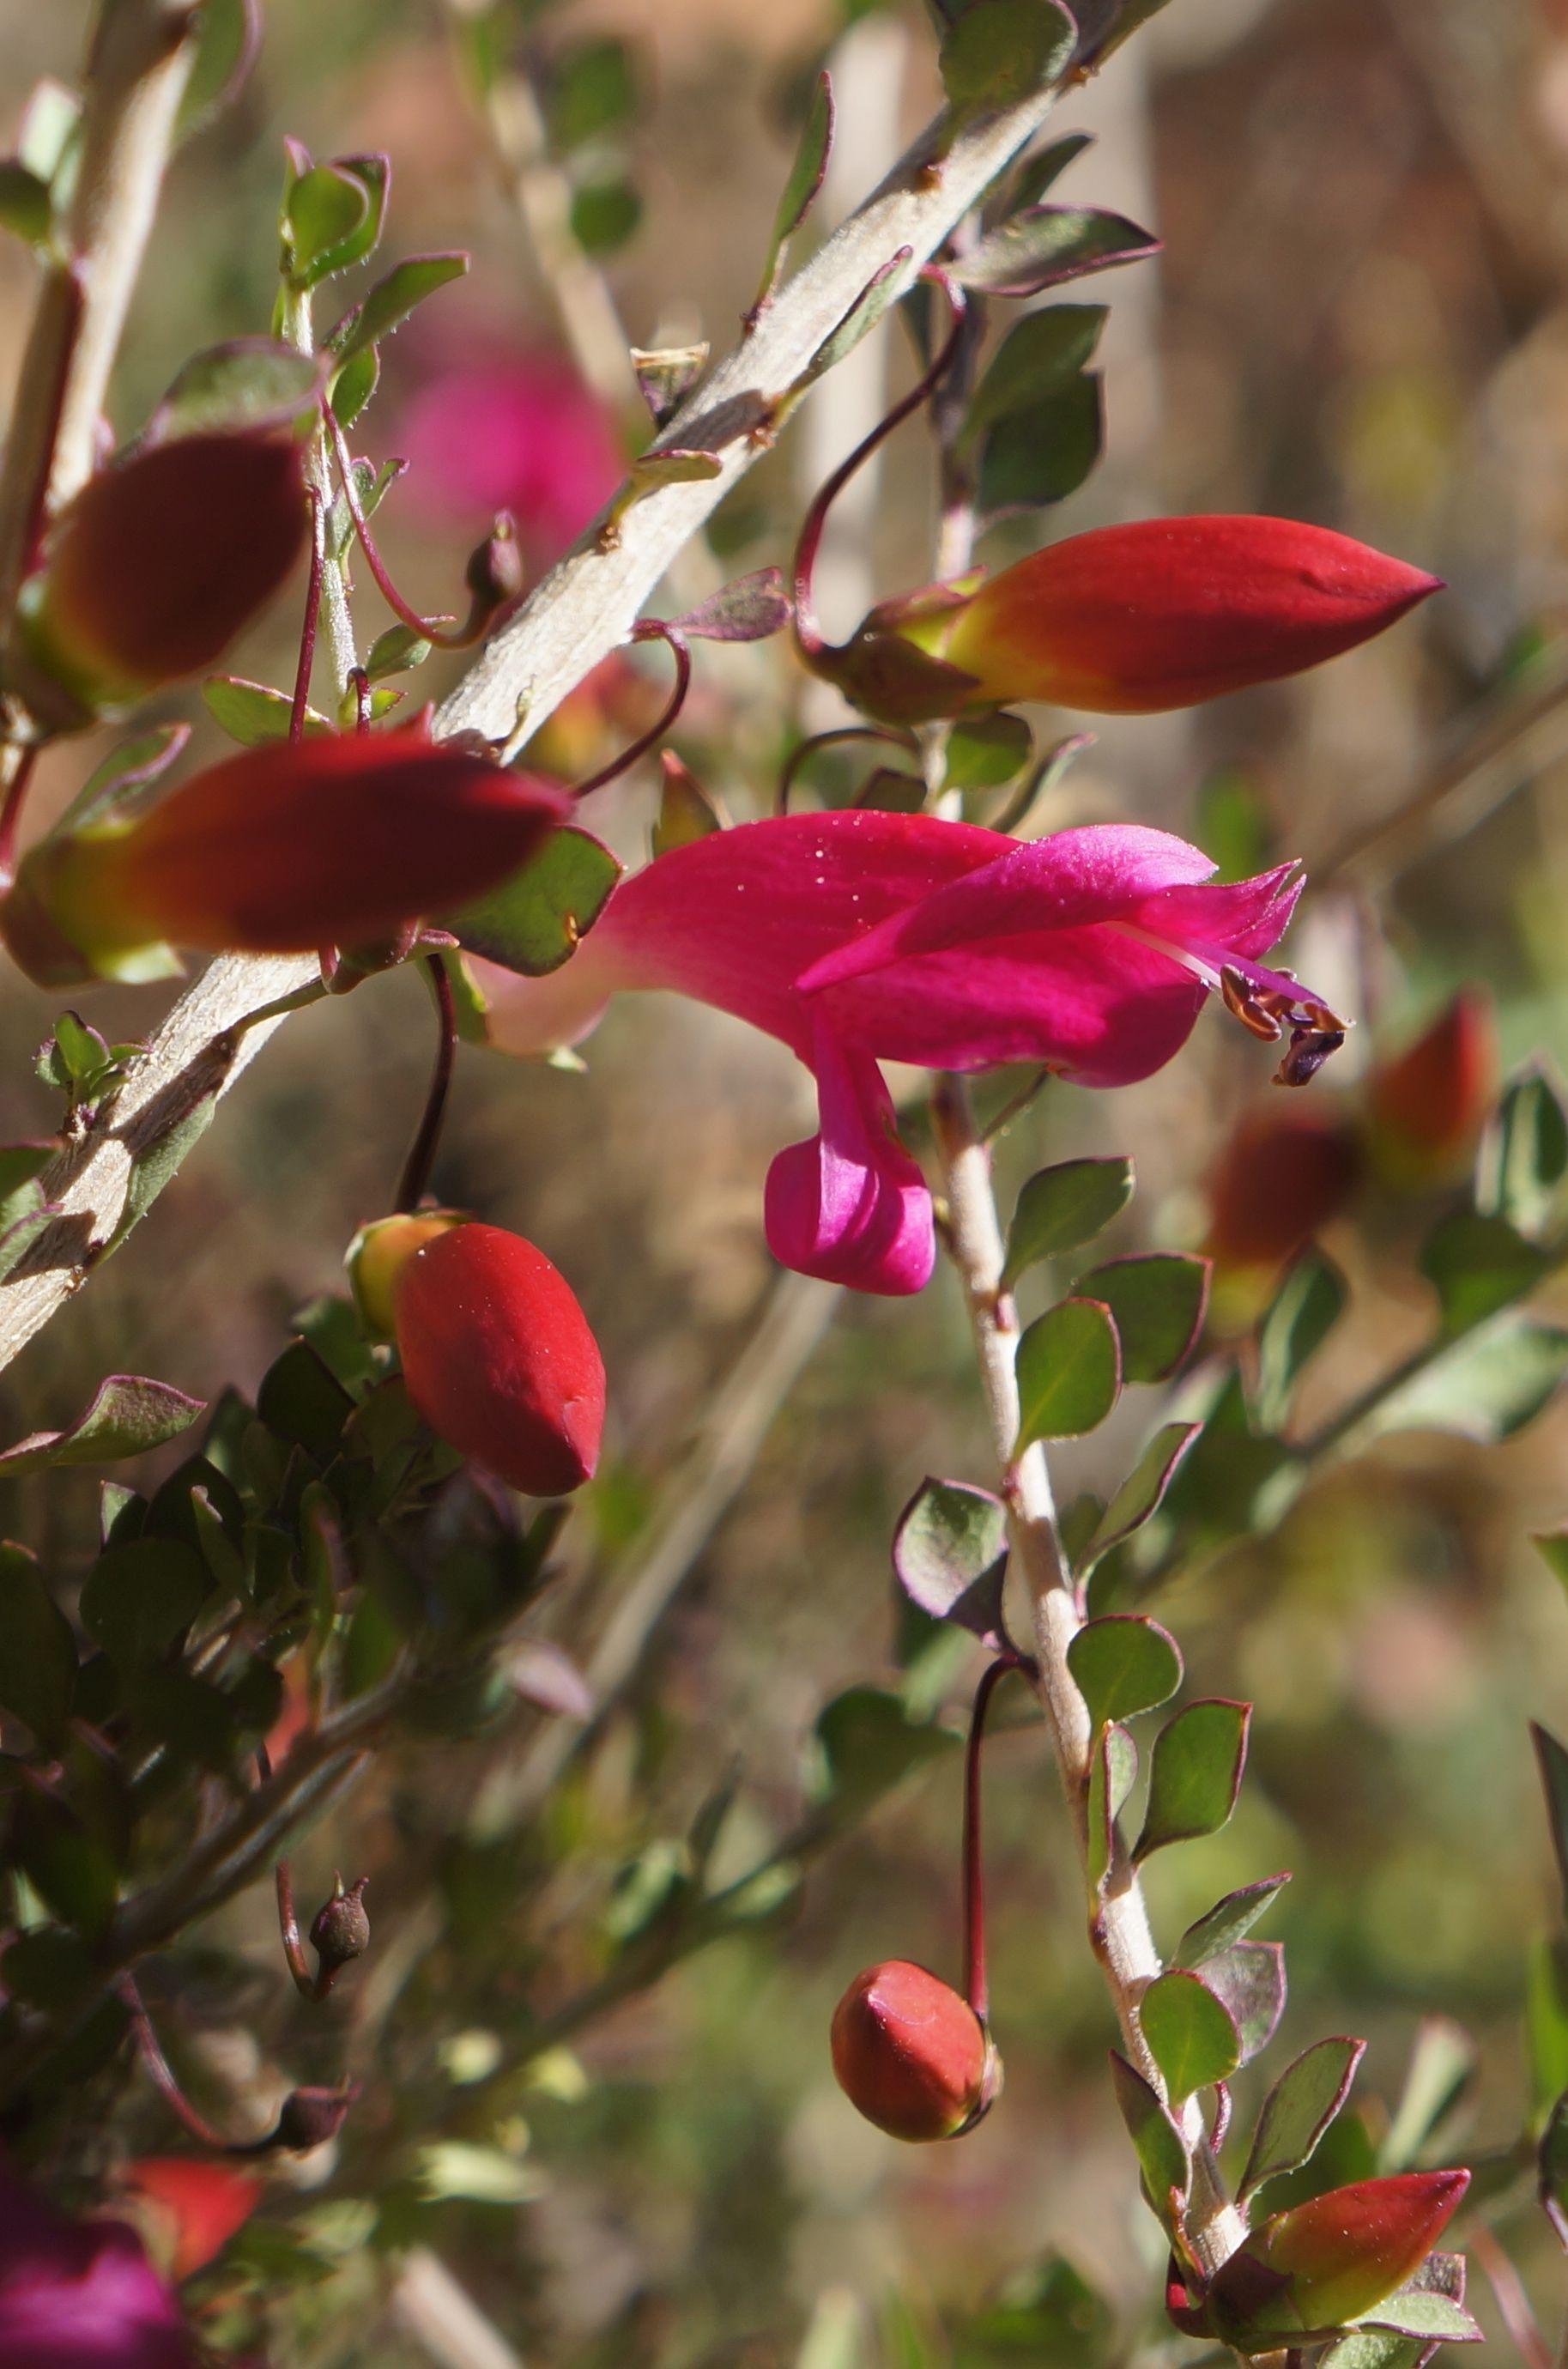 Some desert flowers from alice springs sentio some desert flowers from alice springs mightylinksfo